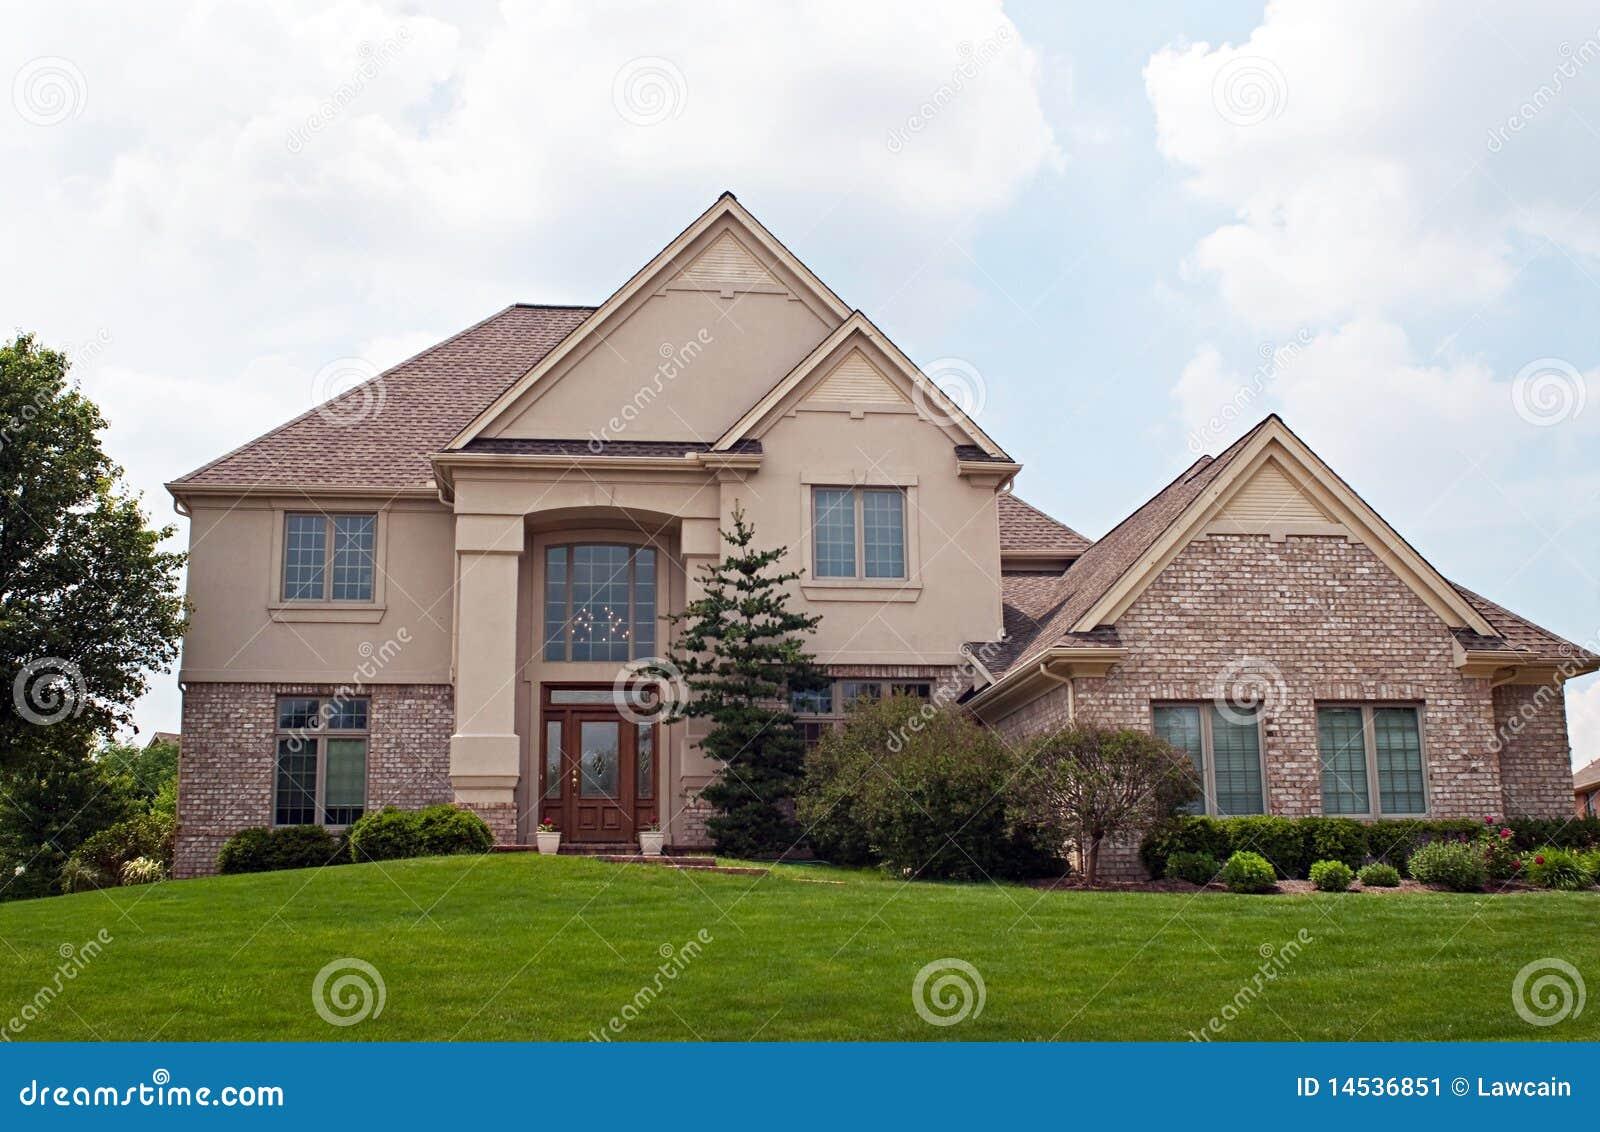 Brick And Stucco Home Stock Image Image 14536851